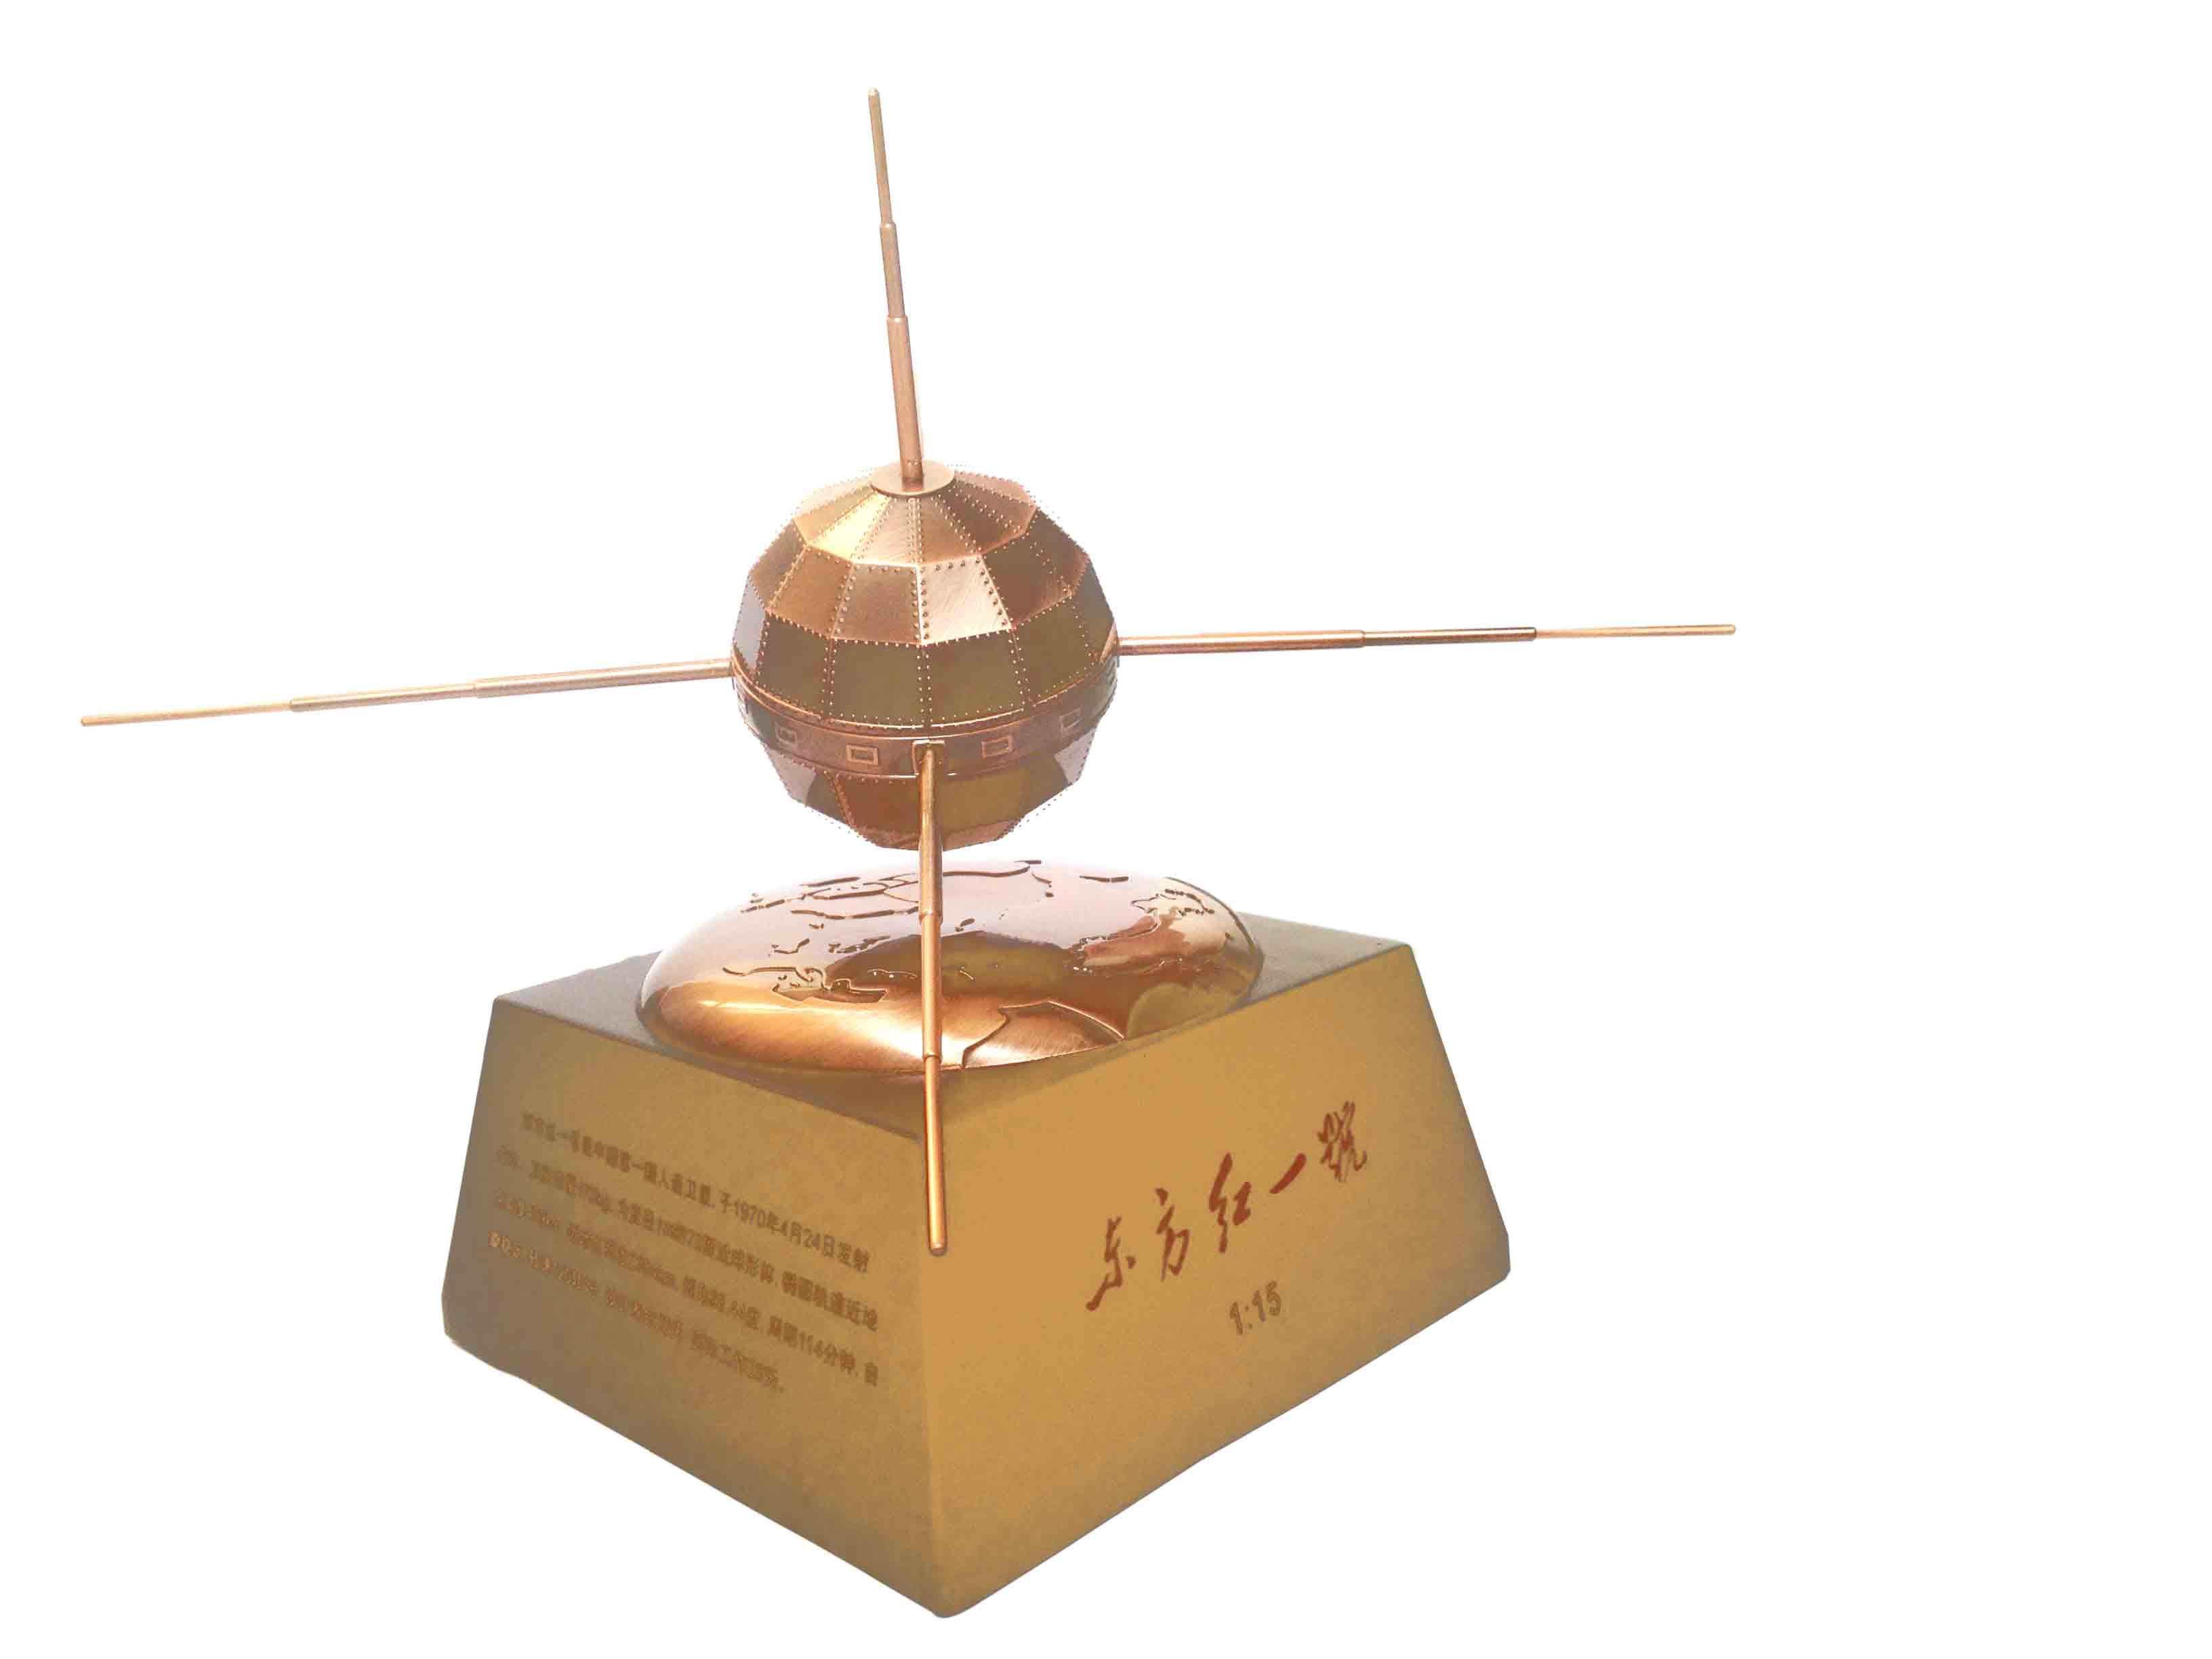 """1970年4月24日,我国自行研制的第一颗人造卫星——""""东方红一号"""",在""""长征一号""""火箭的运送下,准确地进入预定轨道,并向全世界播放歌曲《东方红》,奏响了中国人向太空迈进的序曲。 """"卫星飞经我国上空播放乐曲时,正值全国各地庆祝'五一'劳动节,那万众欢庆的壮观场面,将永远留在我记忆中!"""